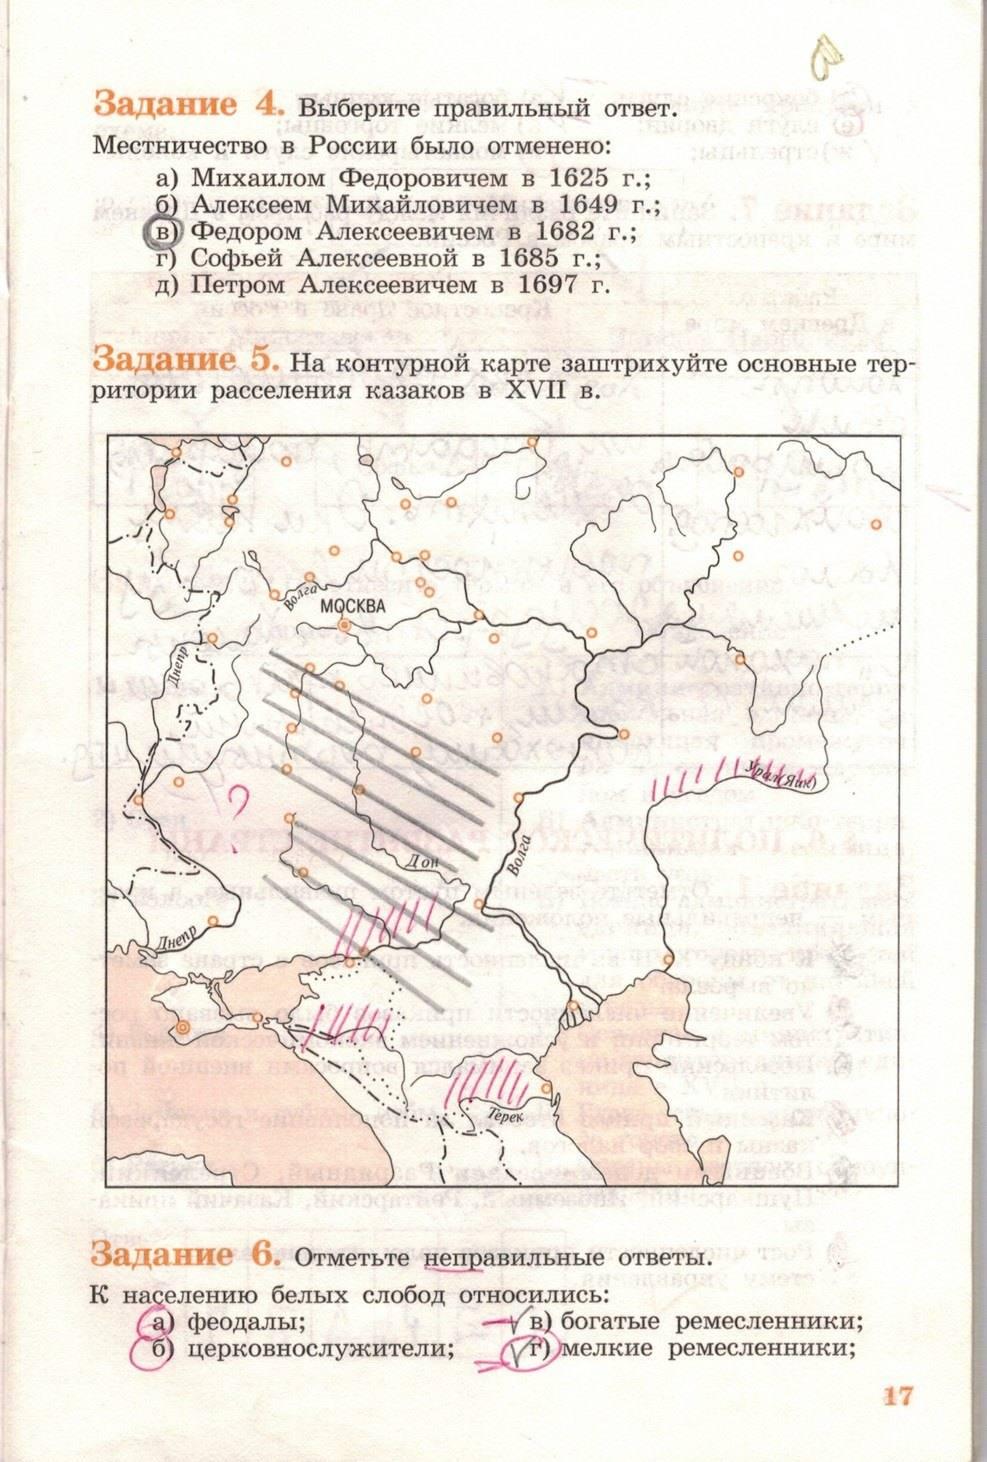 гдз по истории за 7 класс рабочая тетрадь по истории россии. данилов а.а